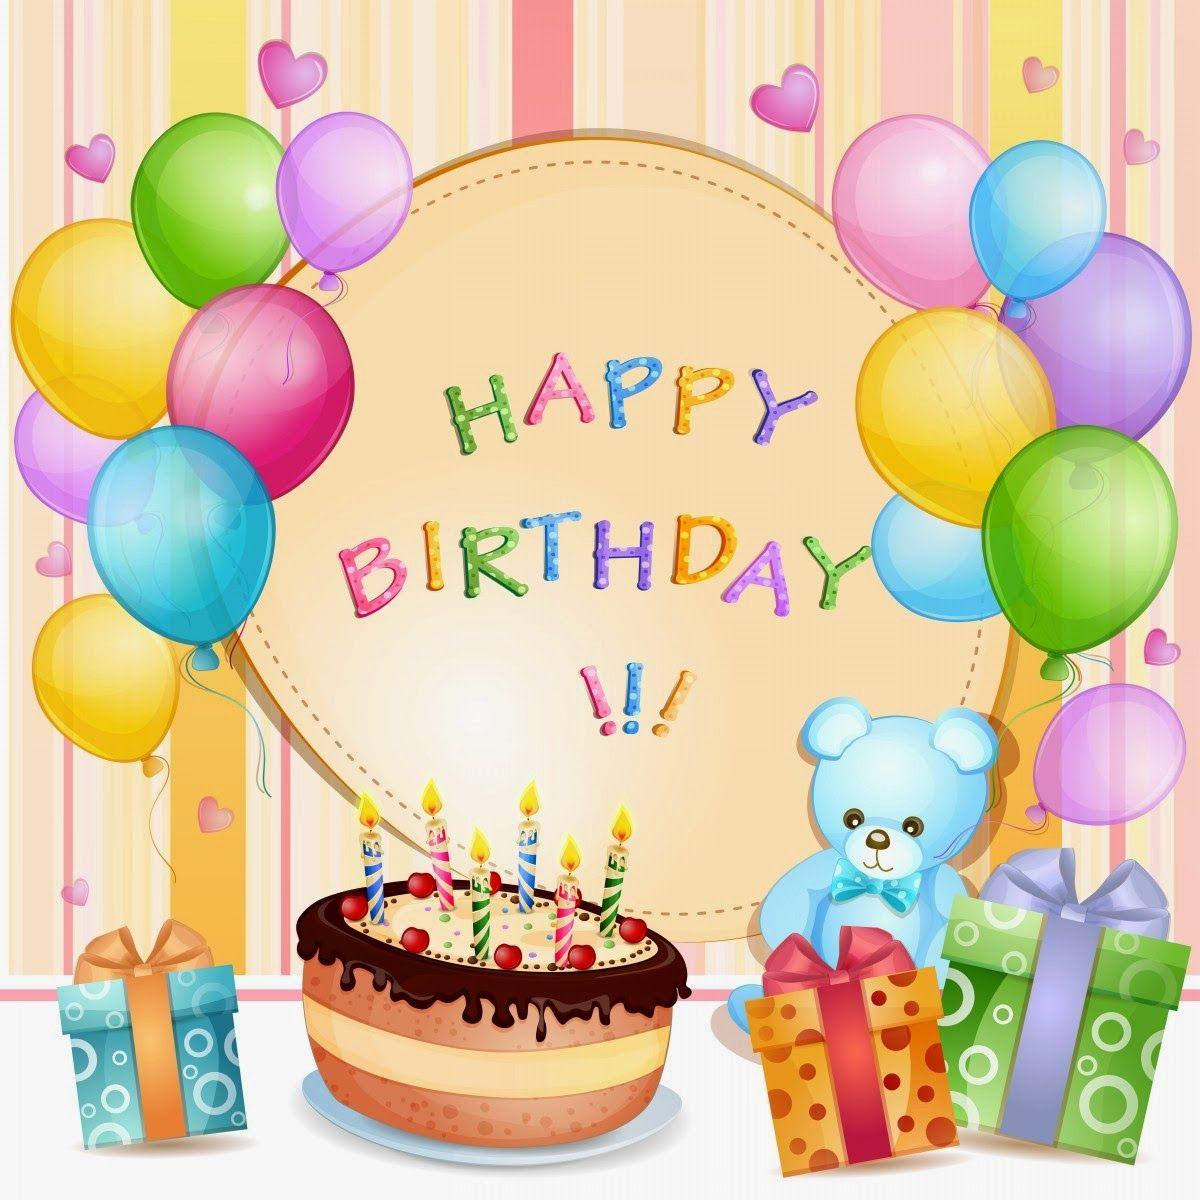 Картинки открыток на день рождения для детей